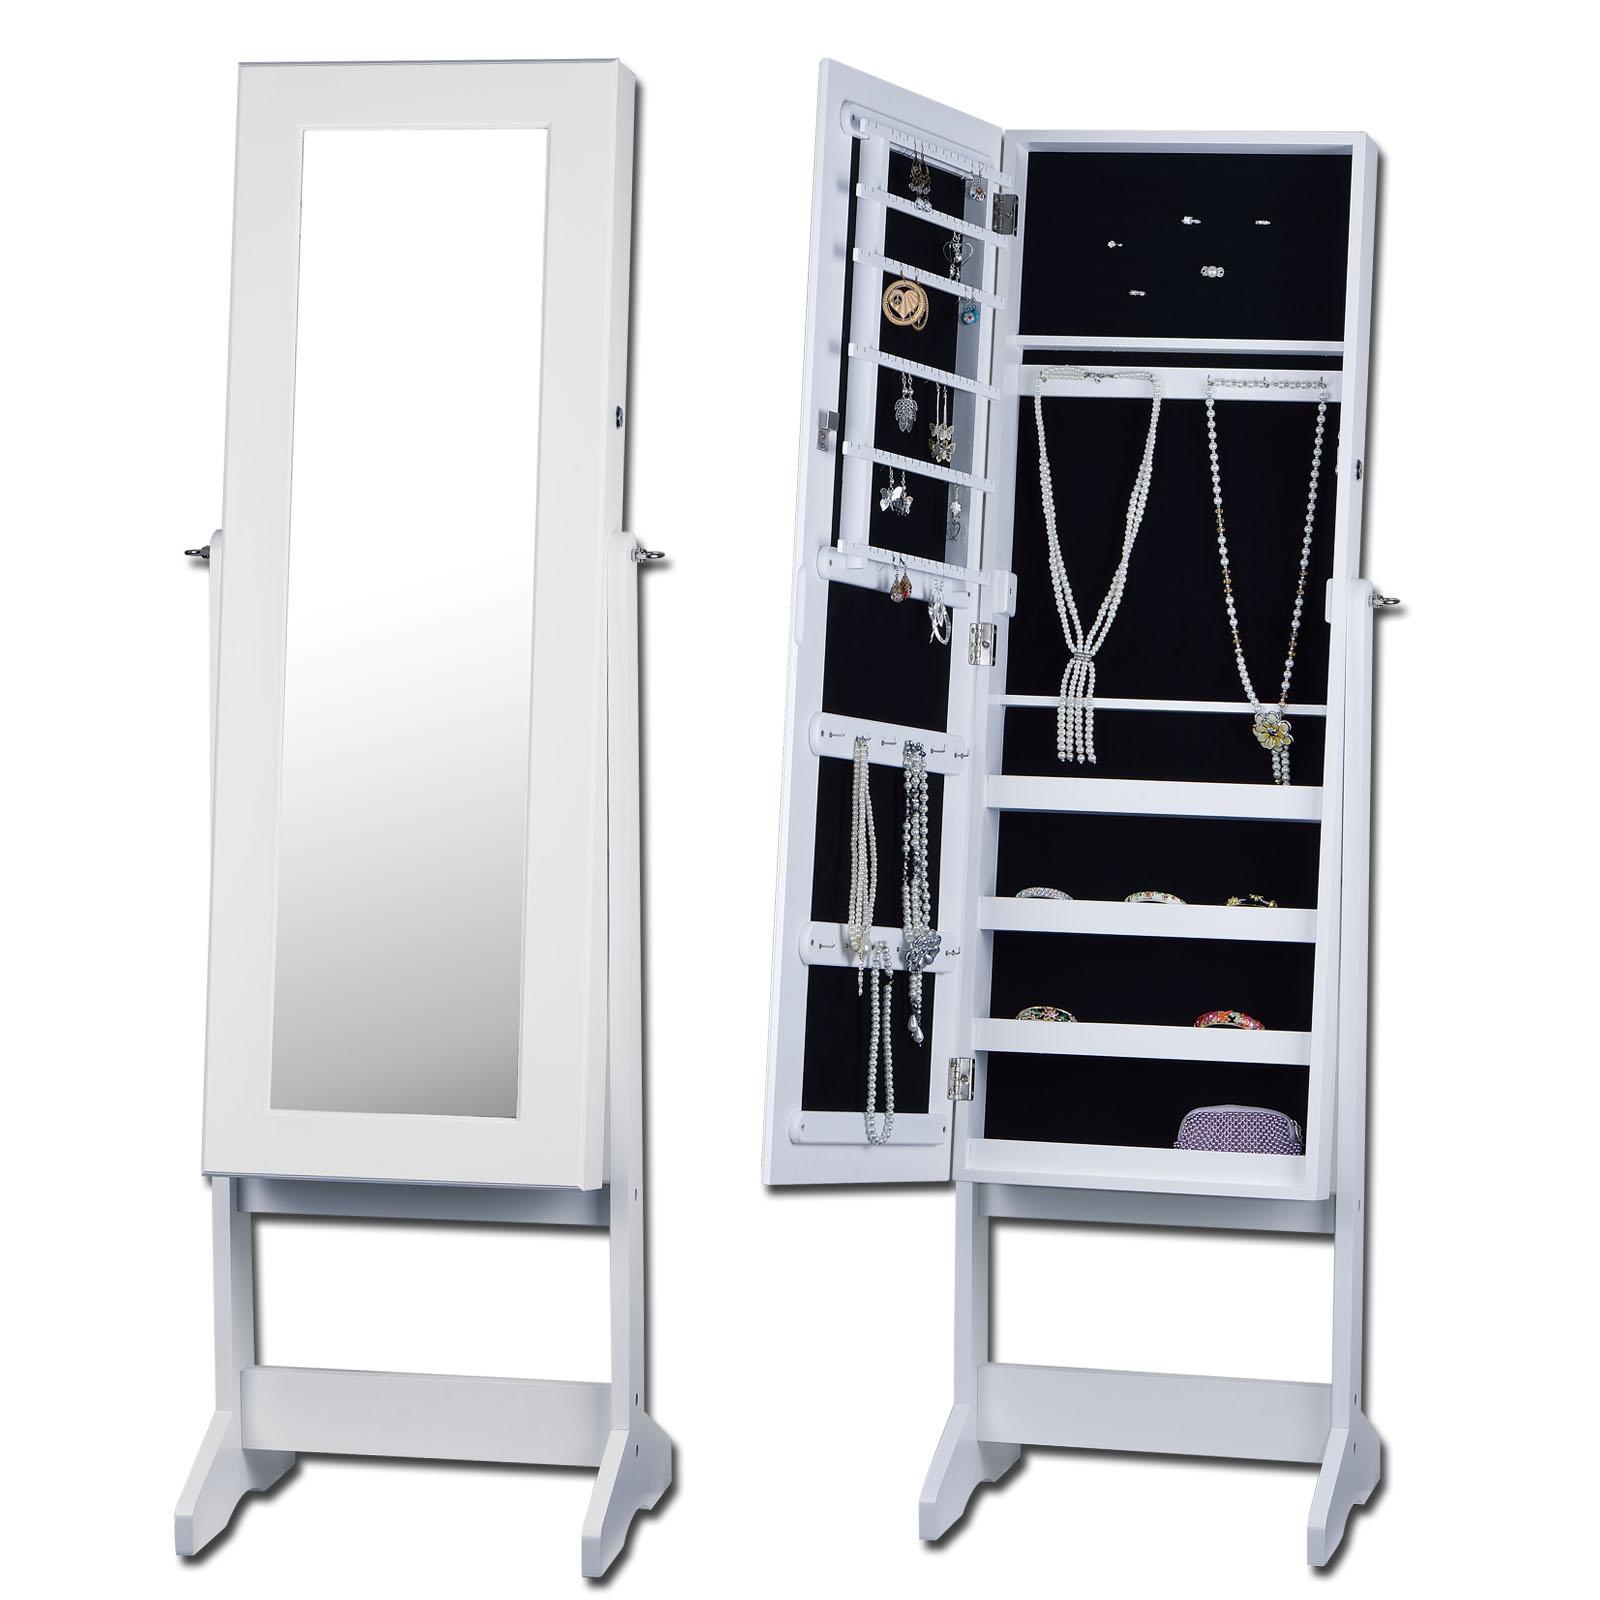 spiegel schmuckschrank spiegelschrank standspiegel schmuck. Black Bedroom Furniture Sets. Home Design Ideas